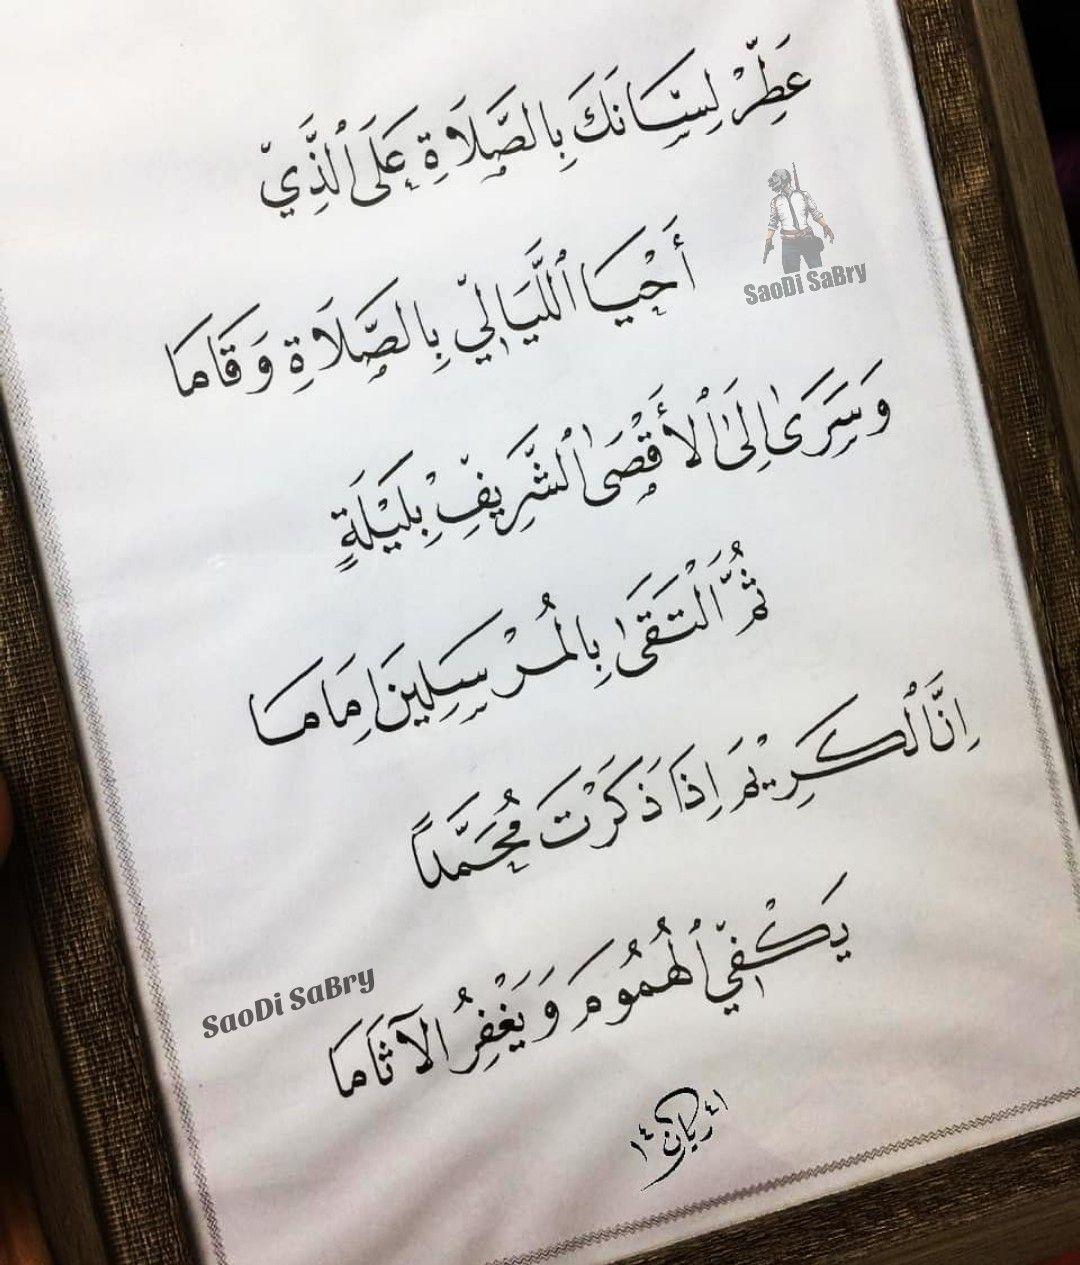 عطر لسانك بالصلاة على النبى Beautiful Arabic Words Islamic Phrases Words Quotes